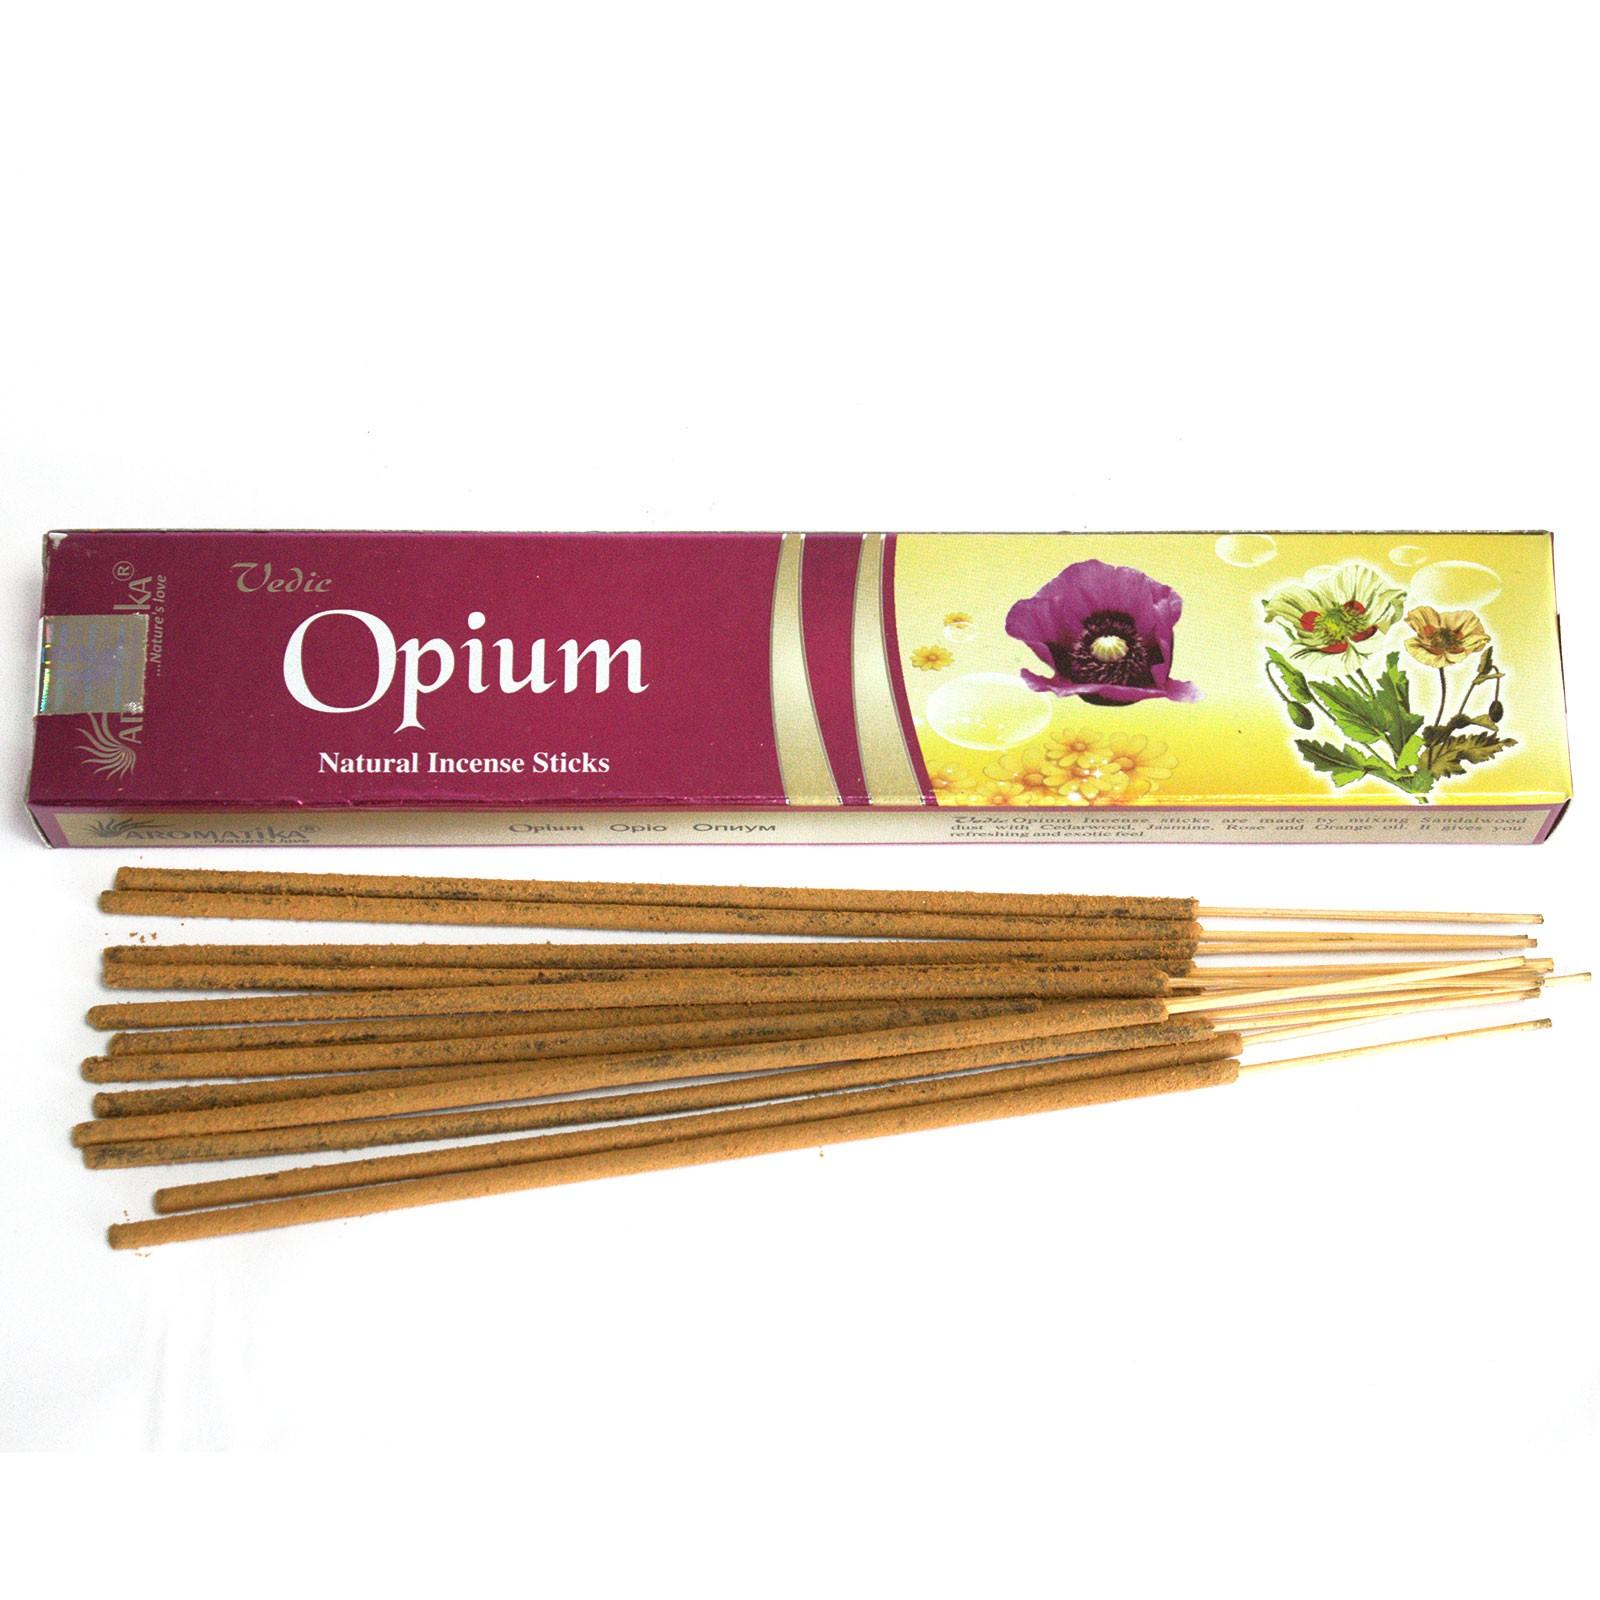 Vedic Incense Sticks Opium